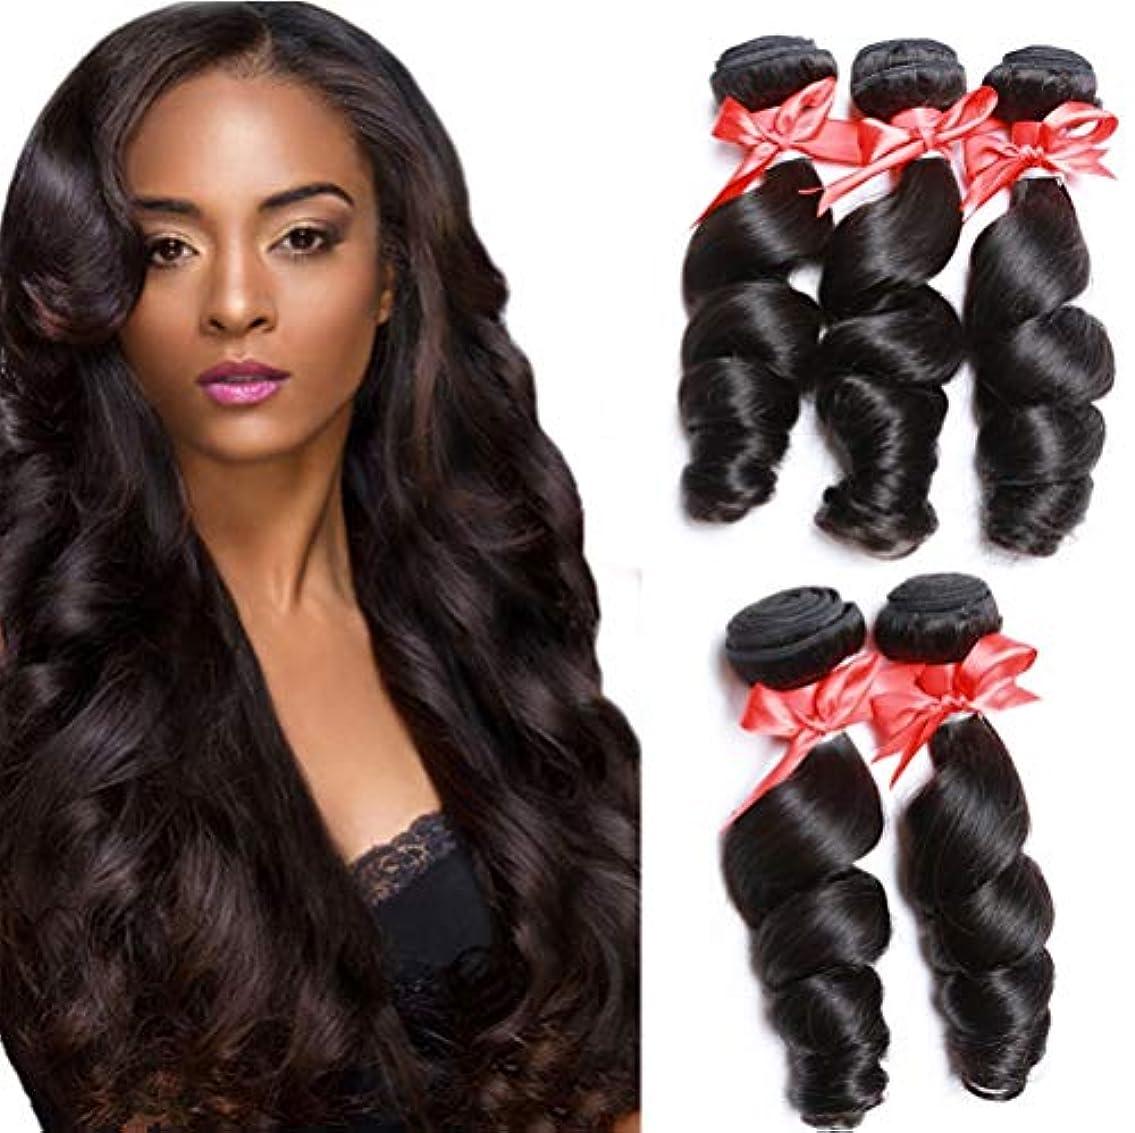 定義する予想する抑止する女性髪織り未処理8aブラジルバージン人間の髪緩い織り1バンドルヘアエクステンション閉鎖100グラム/バンドル